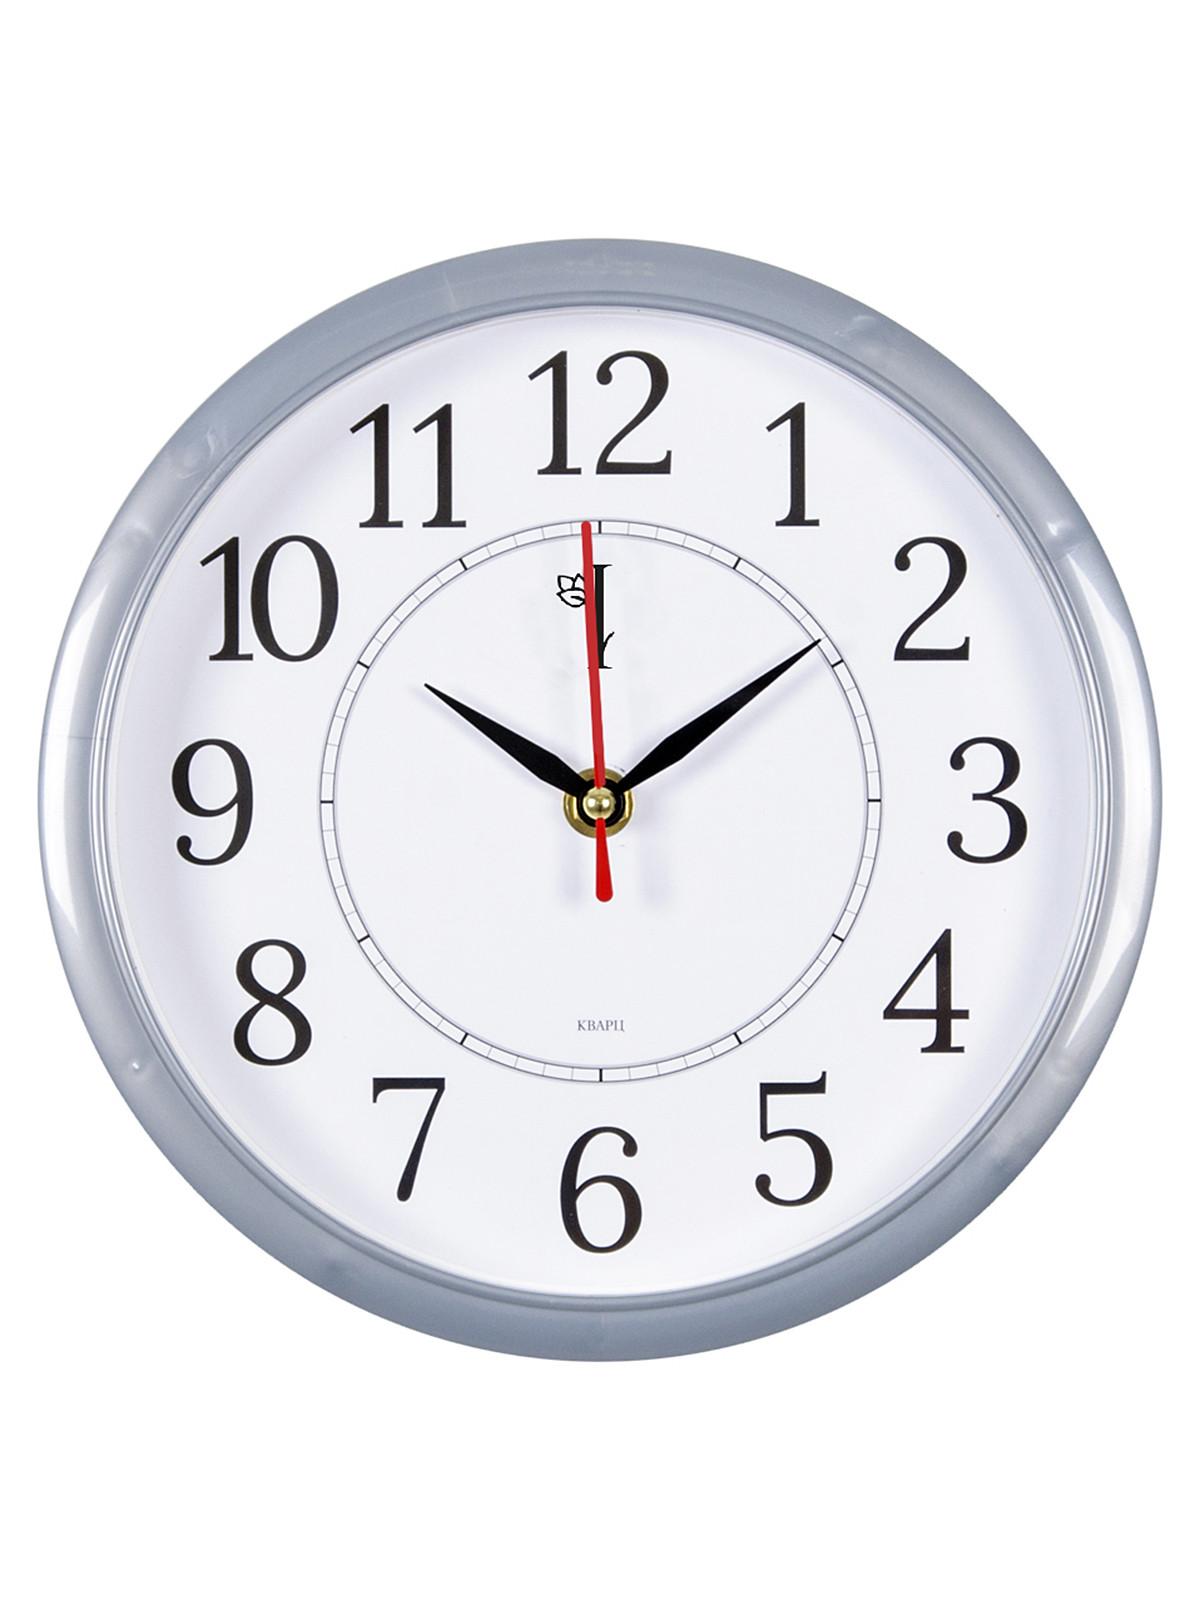 Часы настенные круг d=22см, корпус серый